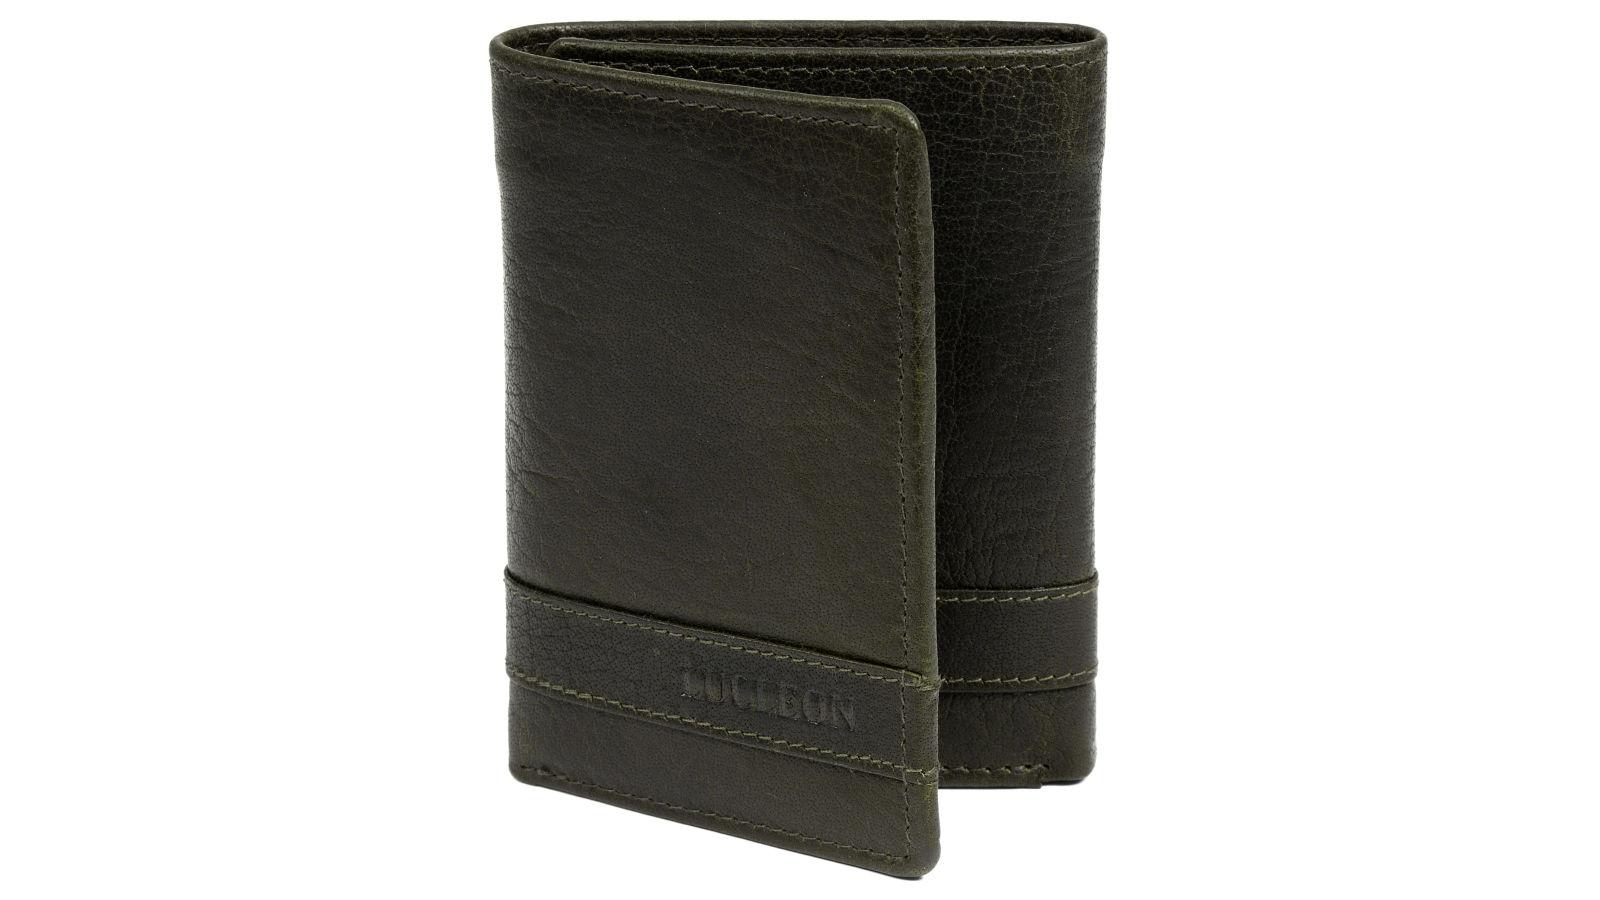 portefeuille montreal trois volets en cuir vert olive rfid port gratuit lucleon. Black Bedroom Furniture Sets. Home Design Ideas